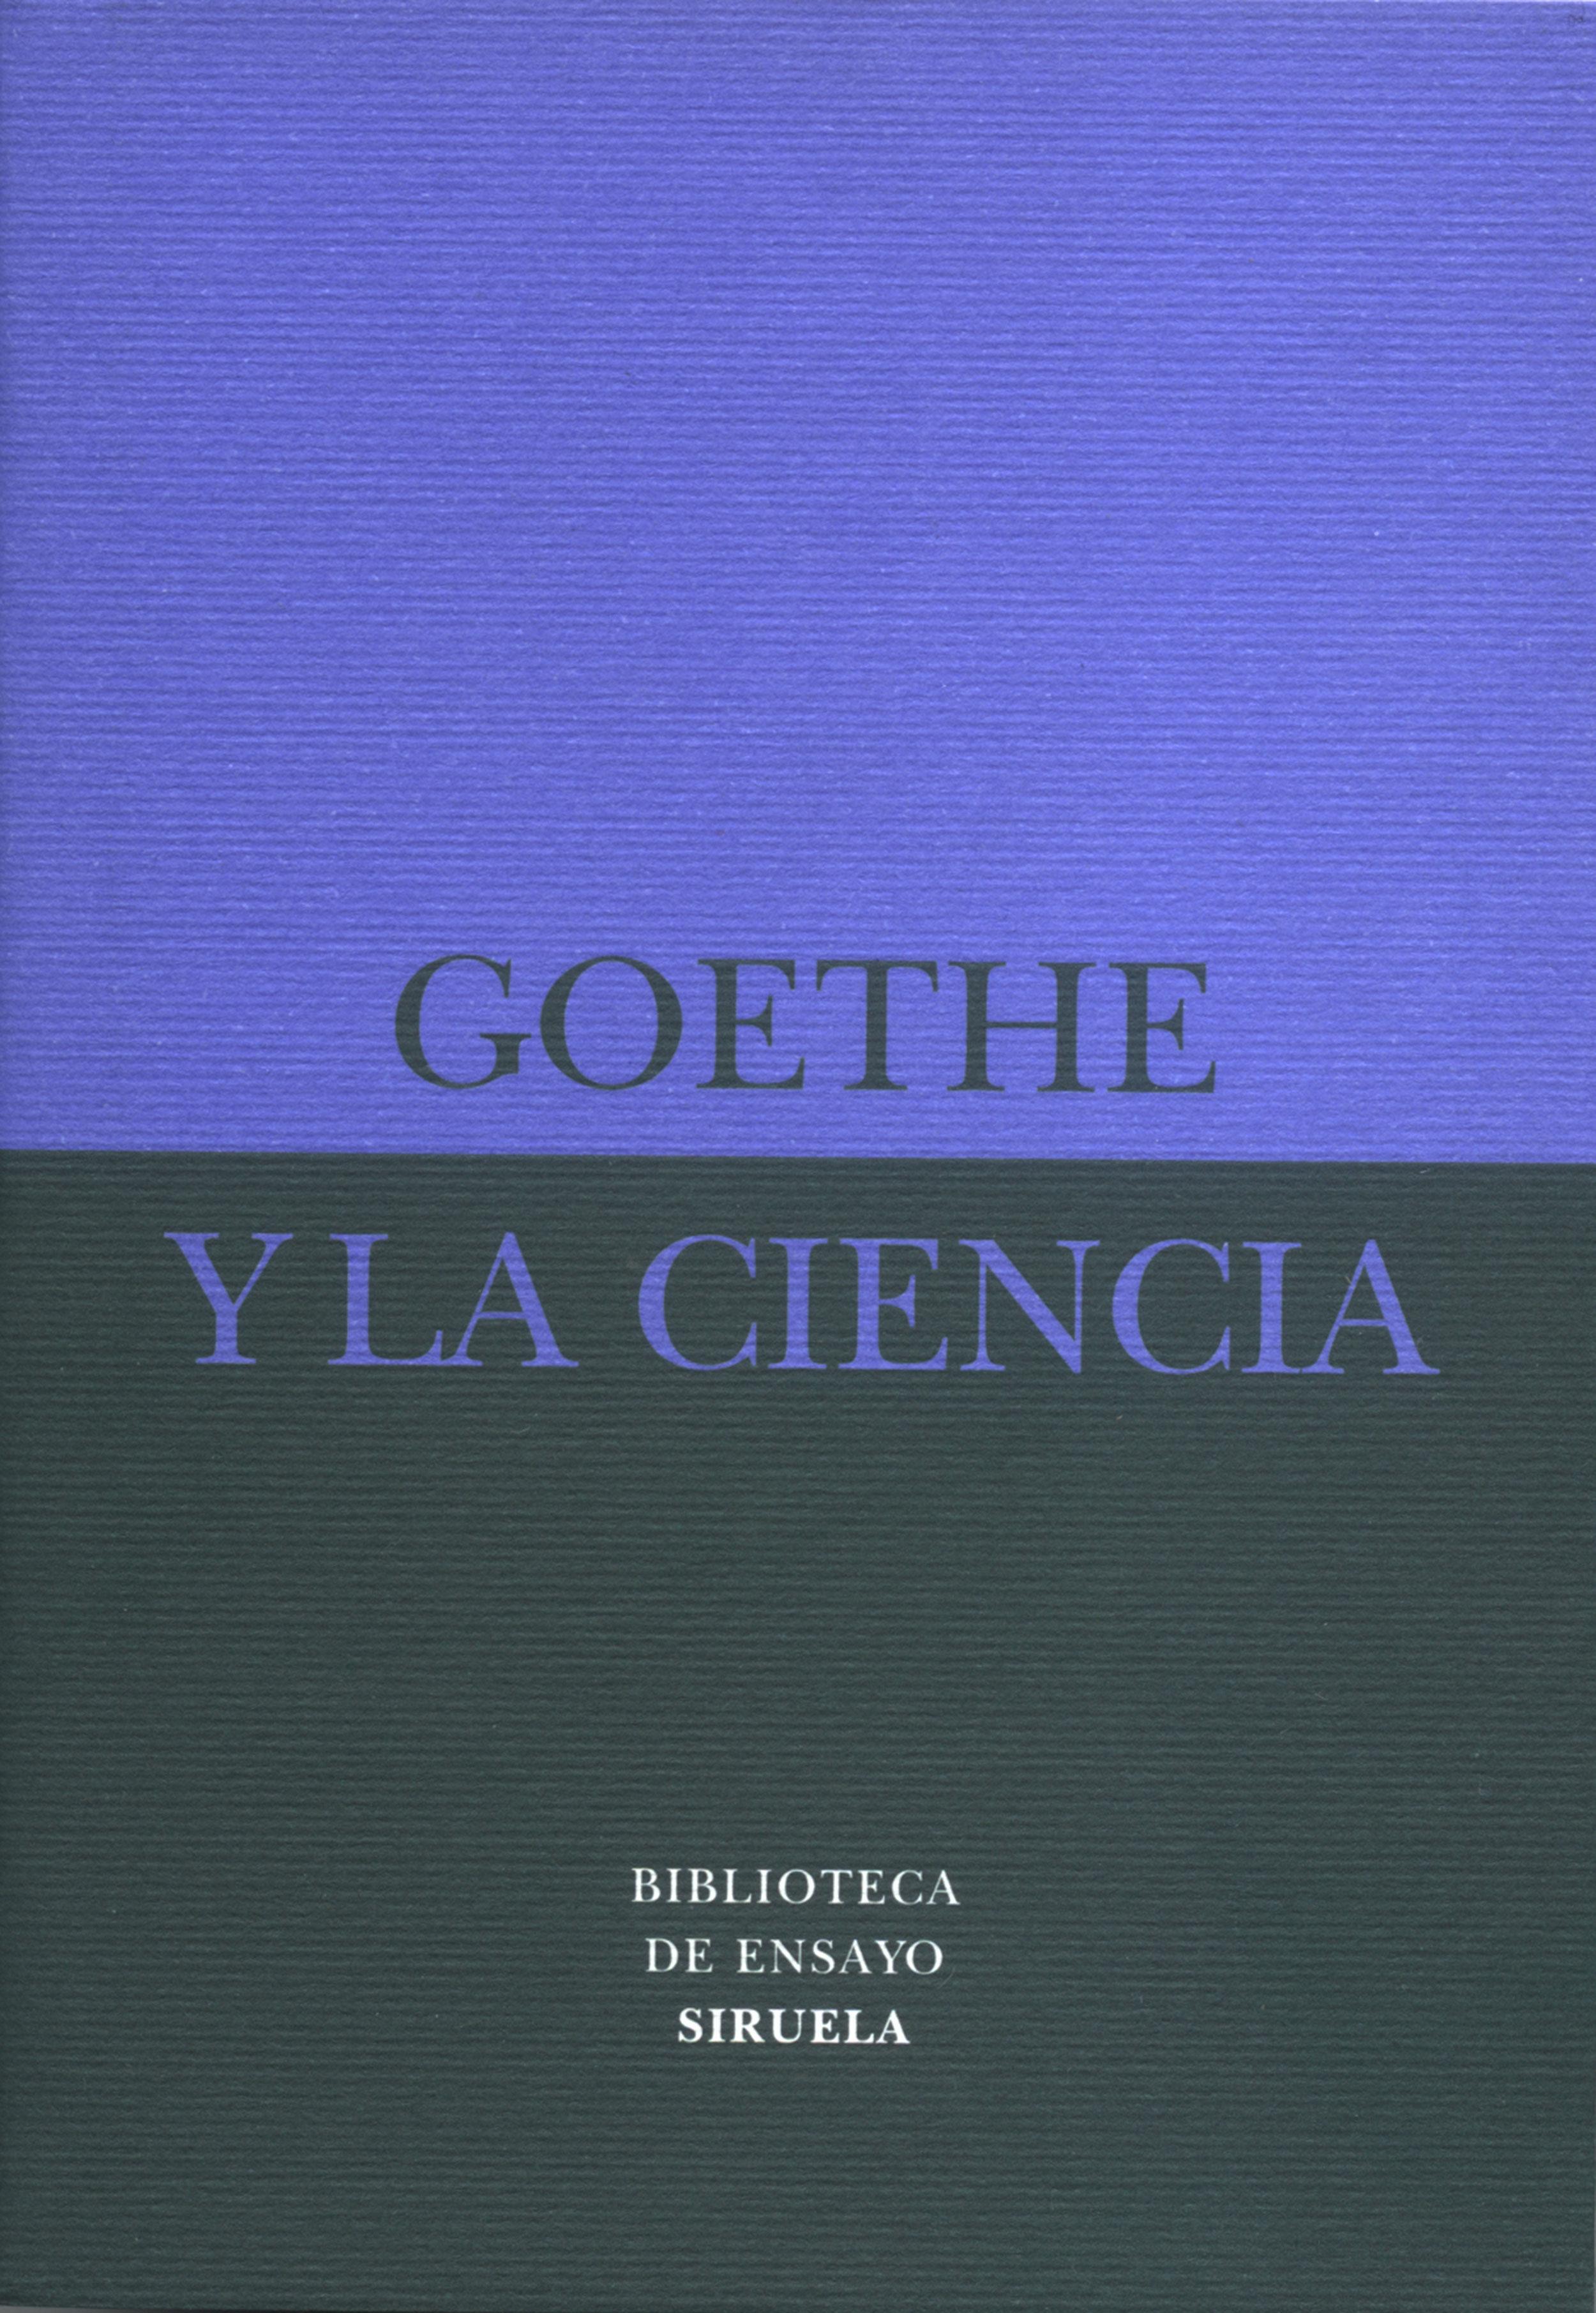 goethe y la ciencia-johann wolfgang von goethe-9788478445912